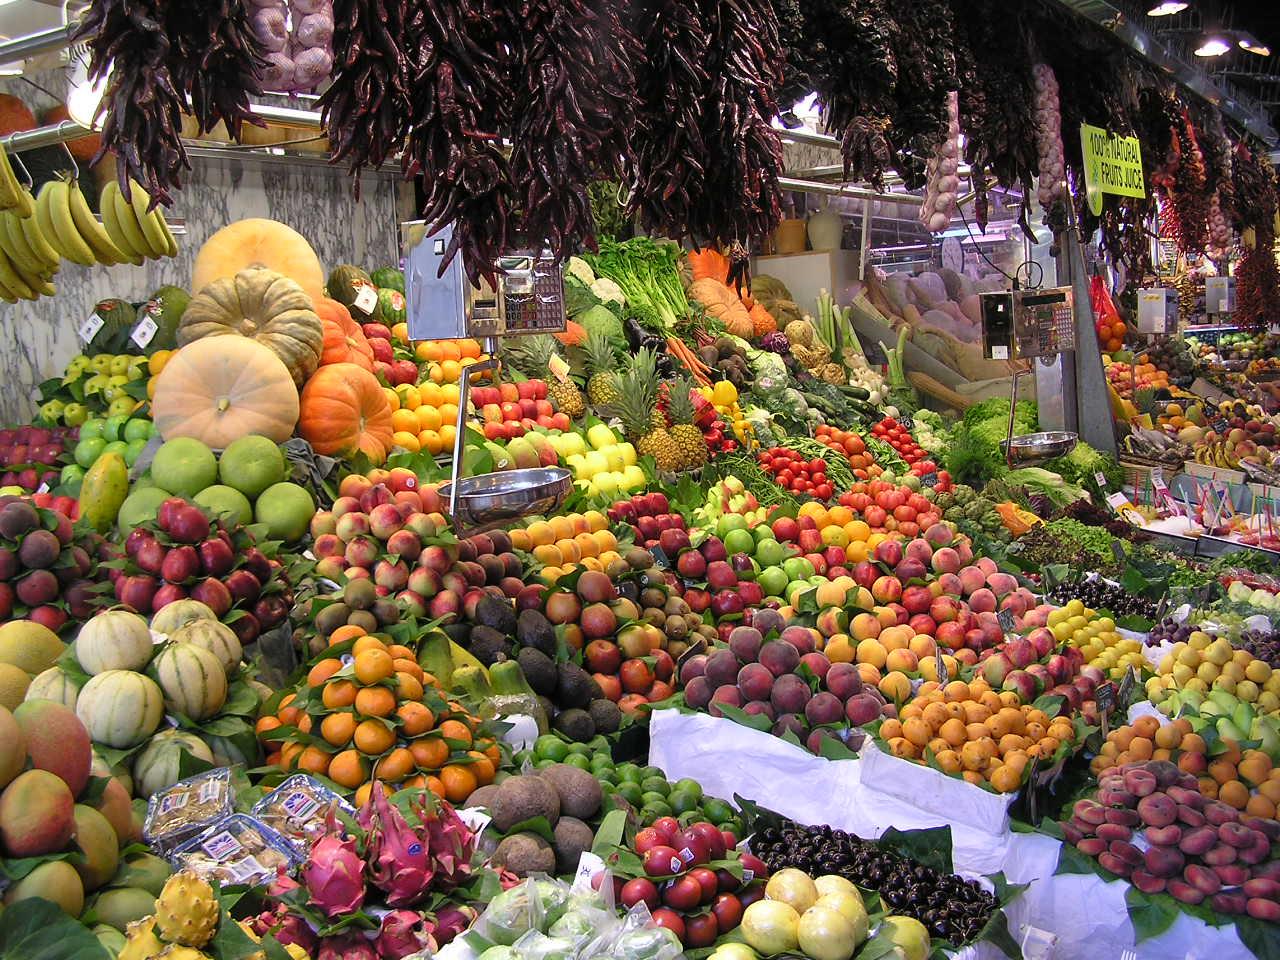 Colorful image of fruits at La Boqueria